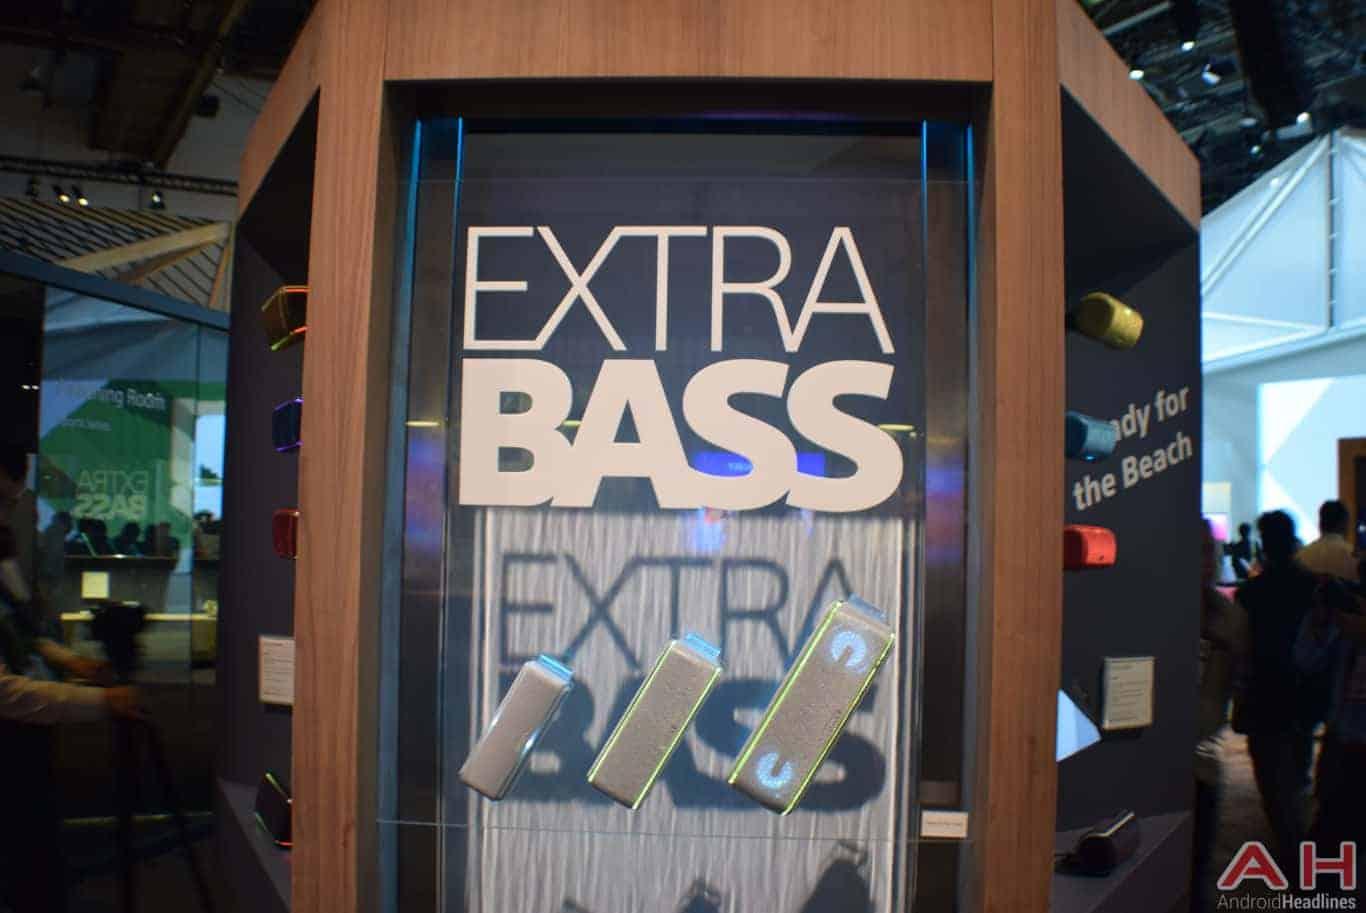 Sony SRS XB31 EXTRA BASS CES 2018 AH 11